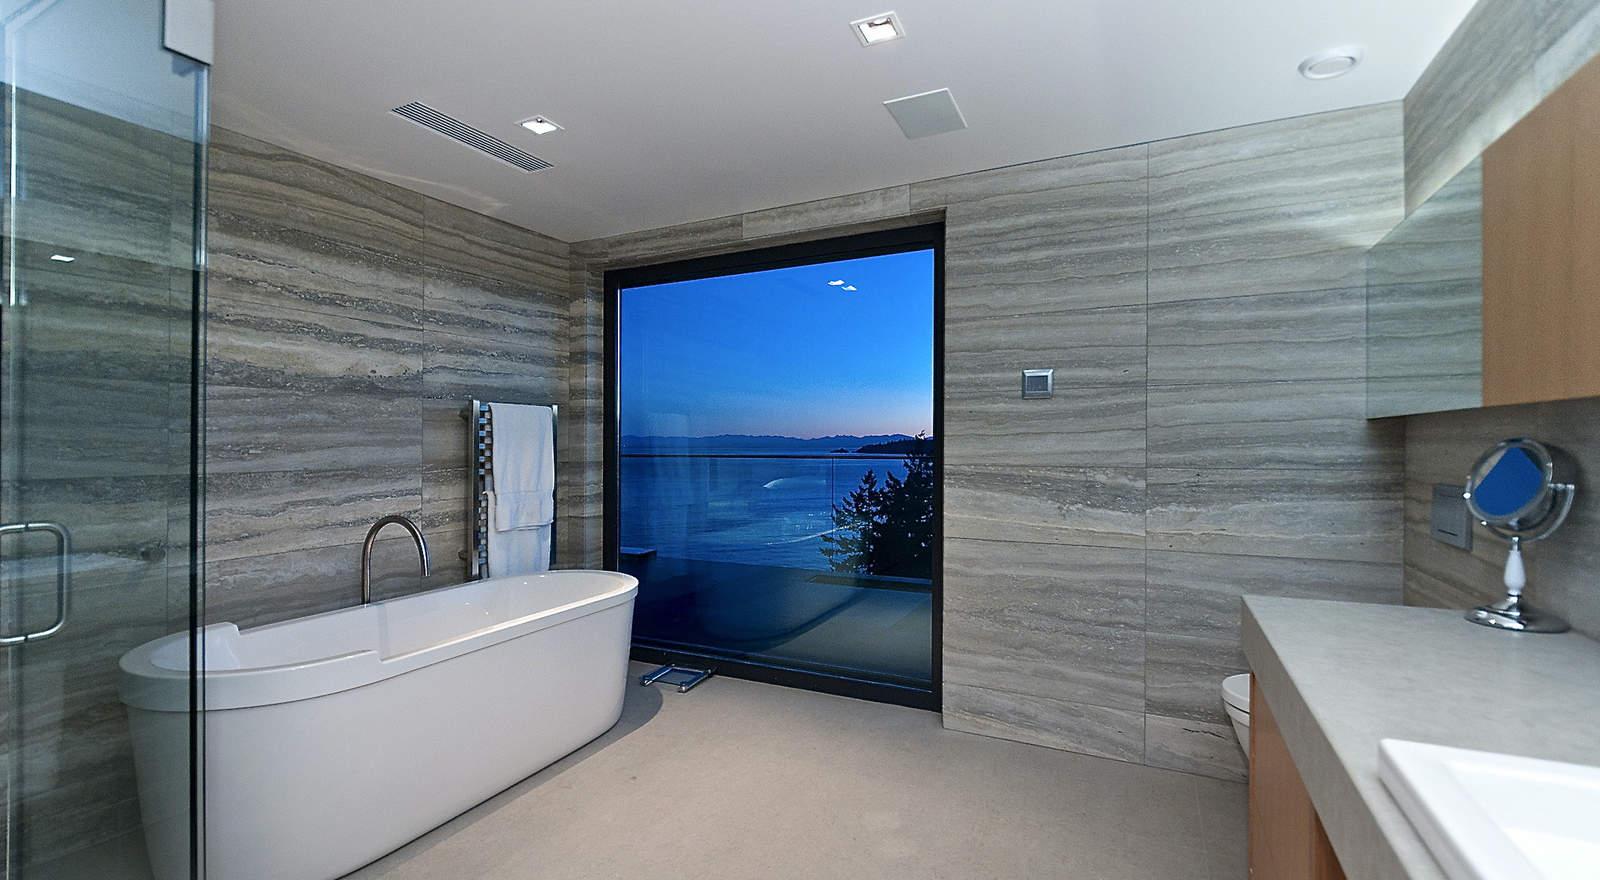 norteiam decoração de residência no Canadá Blog Vidrado #1A60B1 1600 880